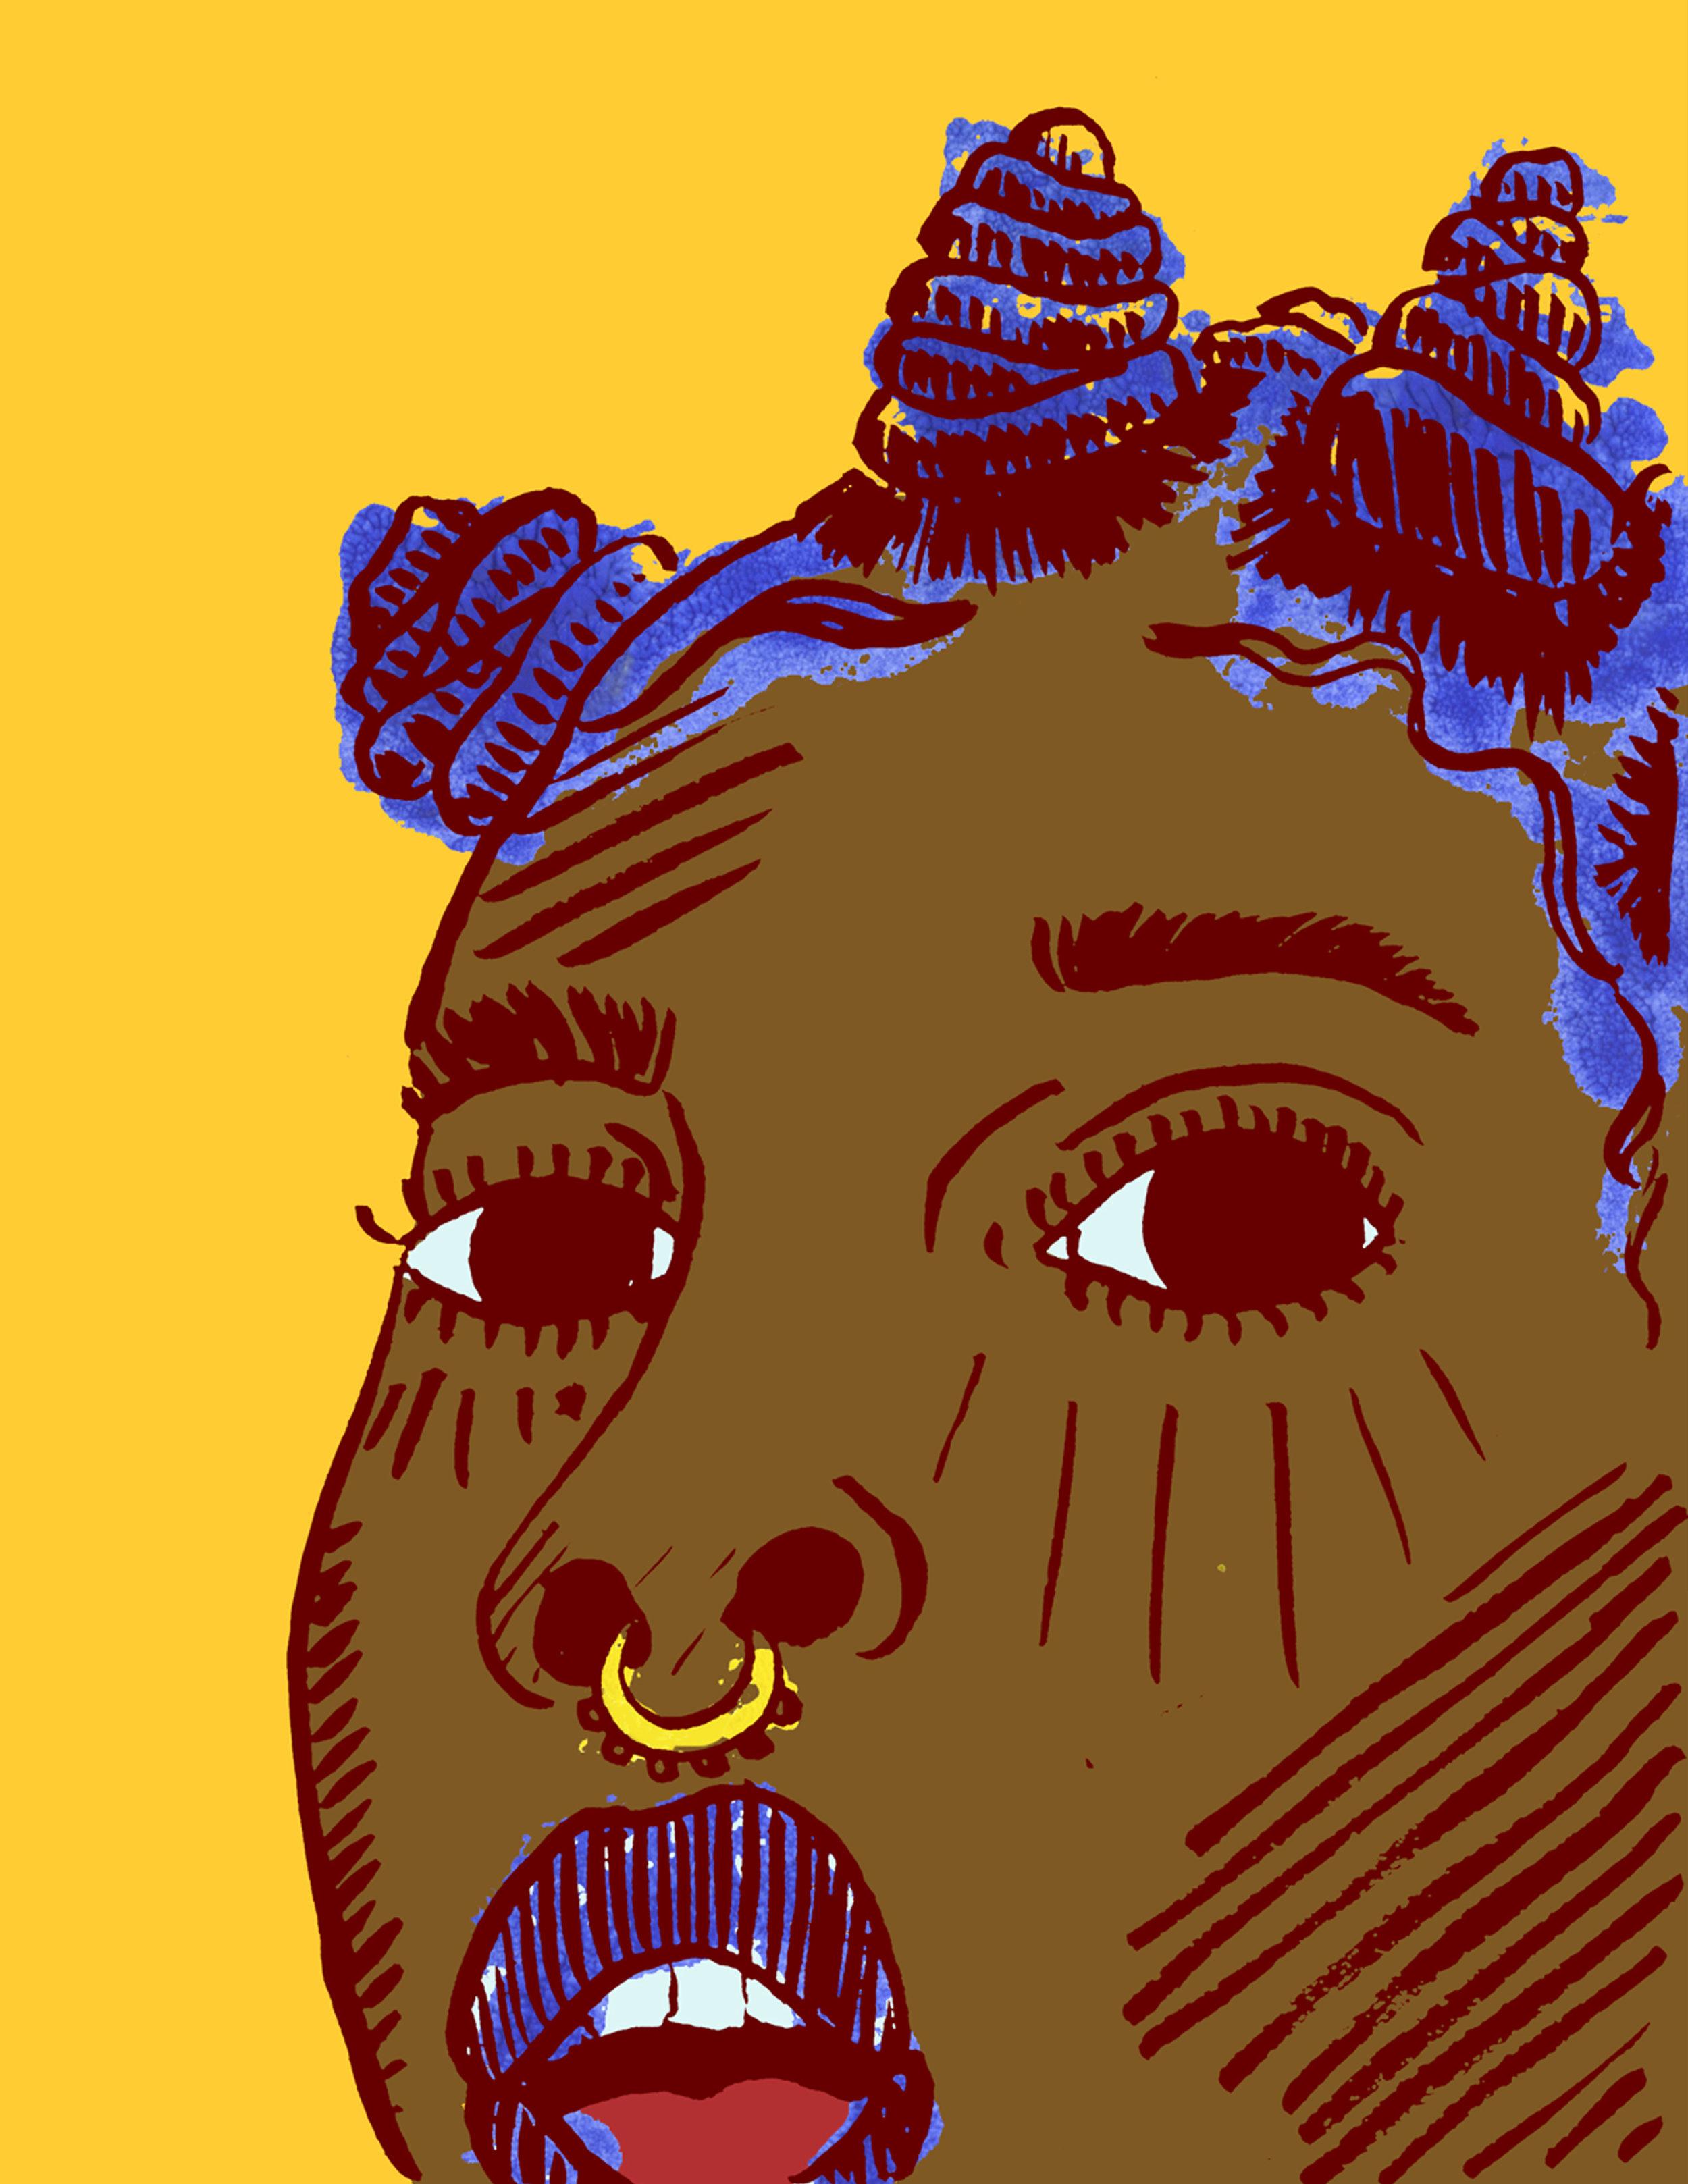 Bantu Knots (2015)